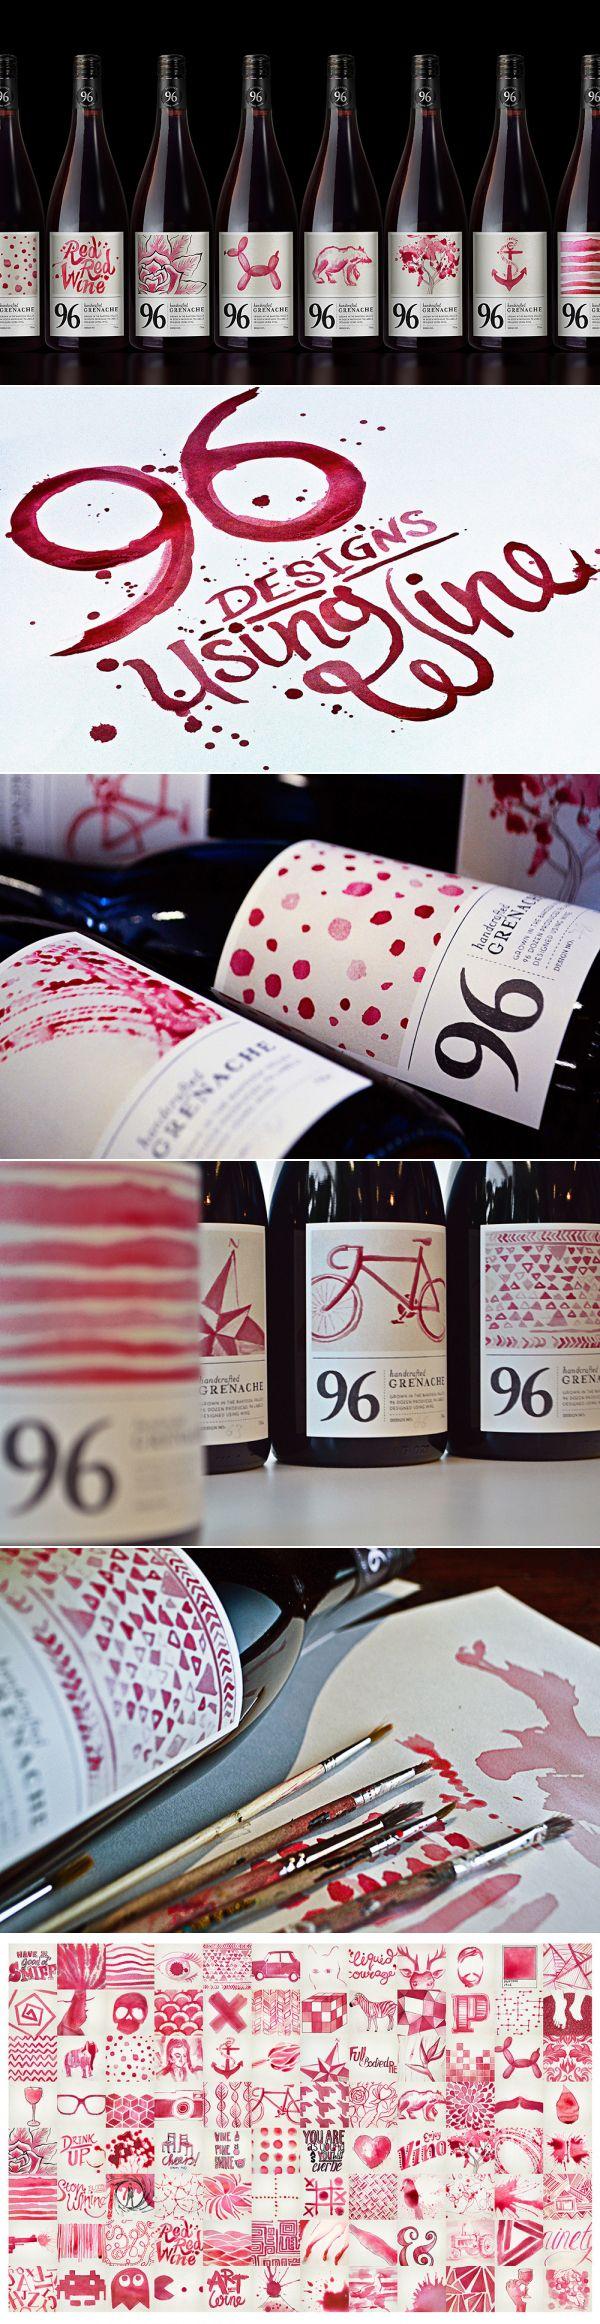 96 wine  taninotanino  vinosmaximum